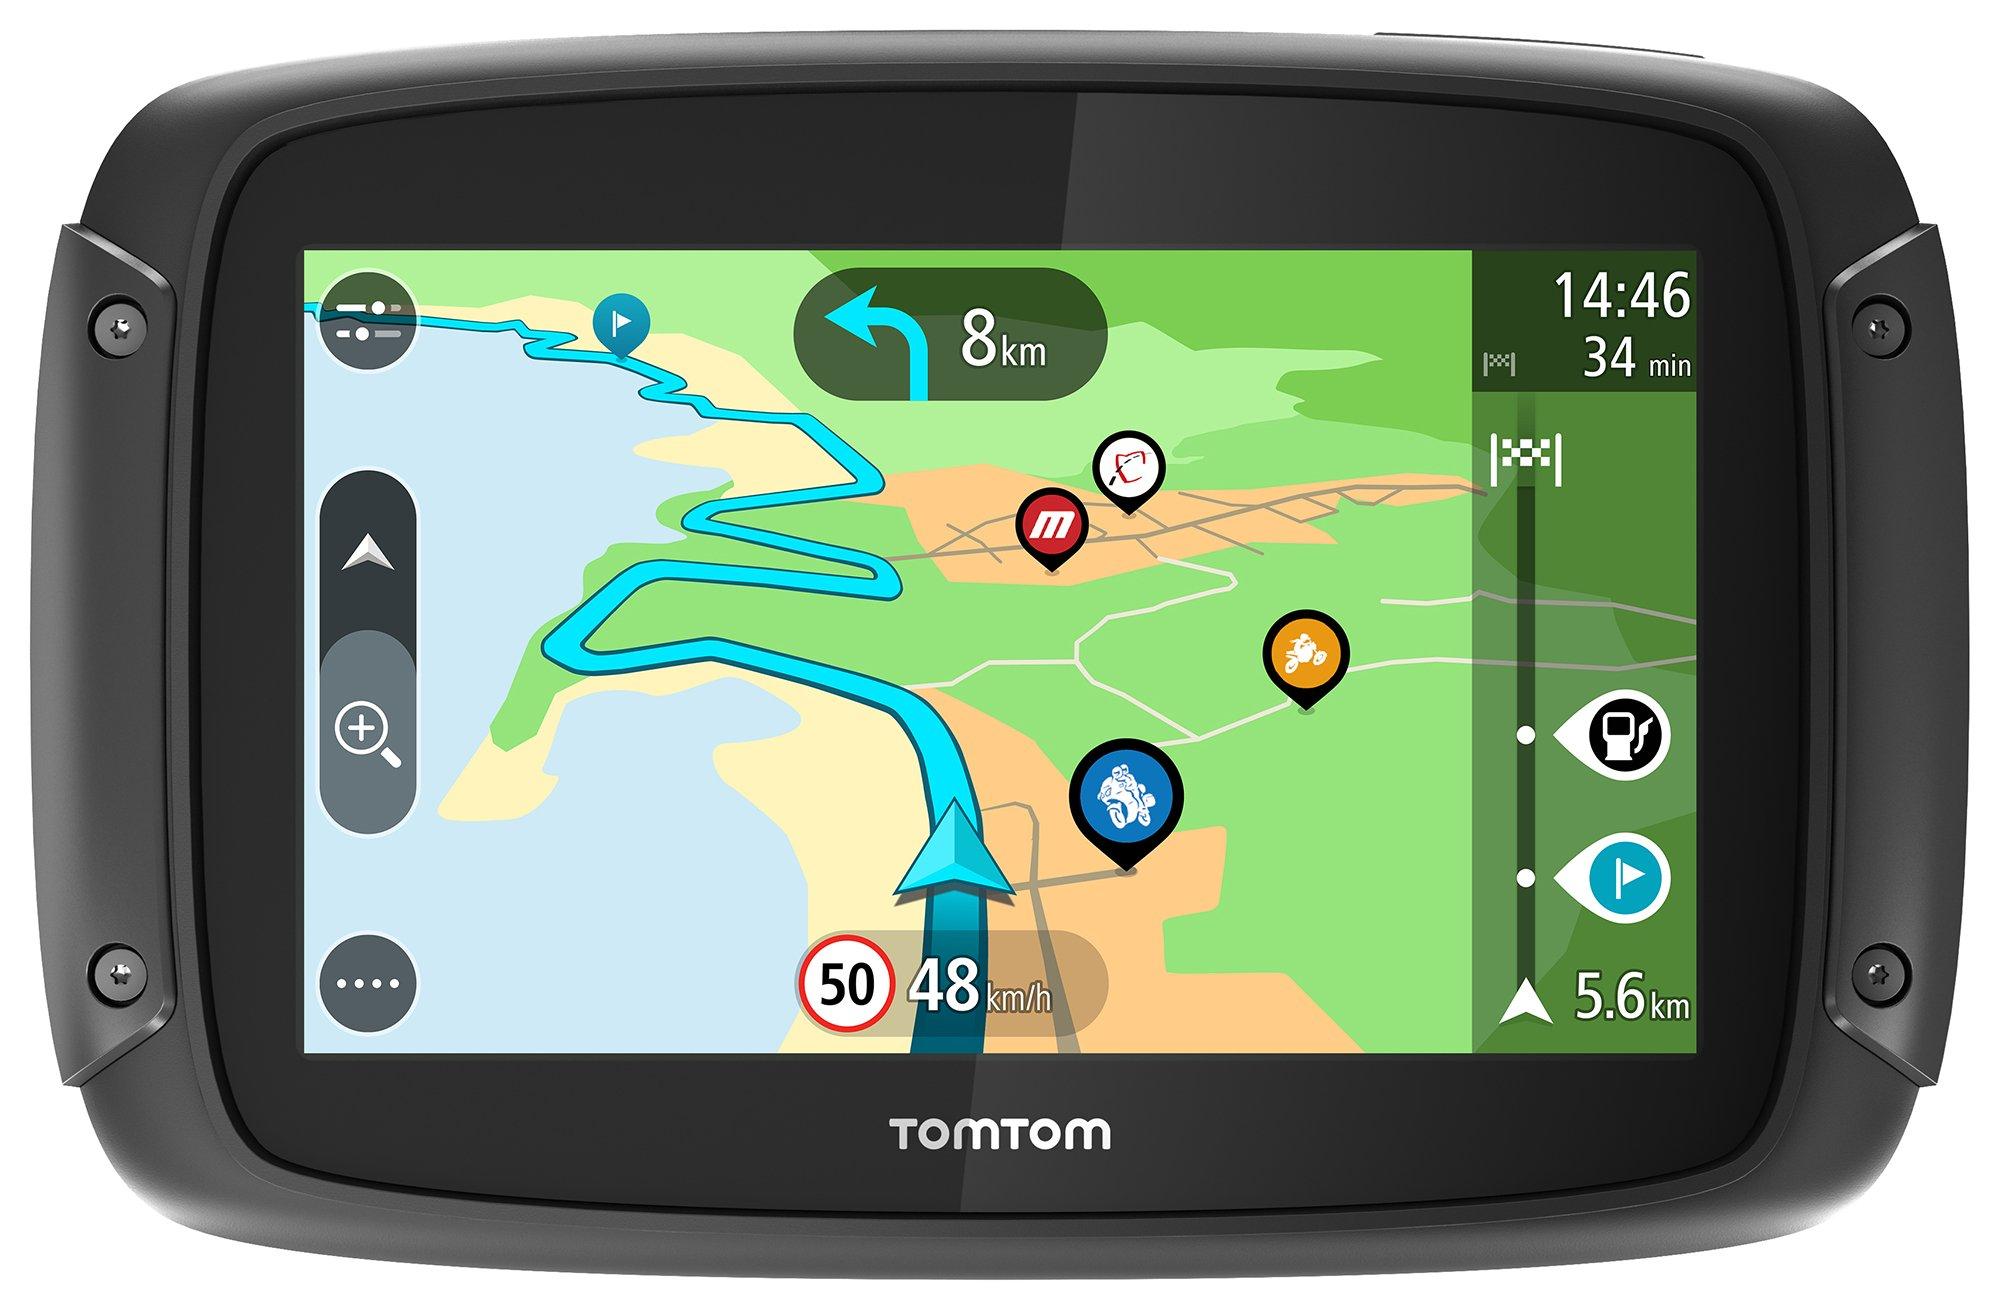 TomTom RIDER 500 - GPS Moto - Cartographie Europe 48, Trafic, Zones de Danger à Vie et Appel Mains-Libres (compatible Siri et Google Now) product image